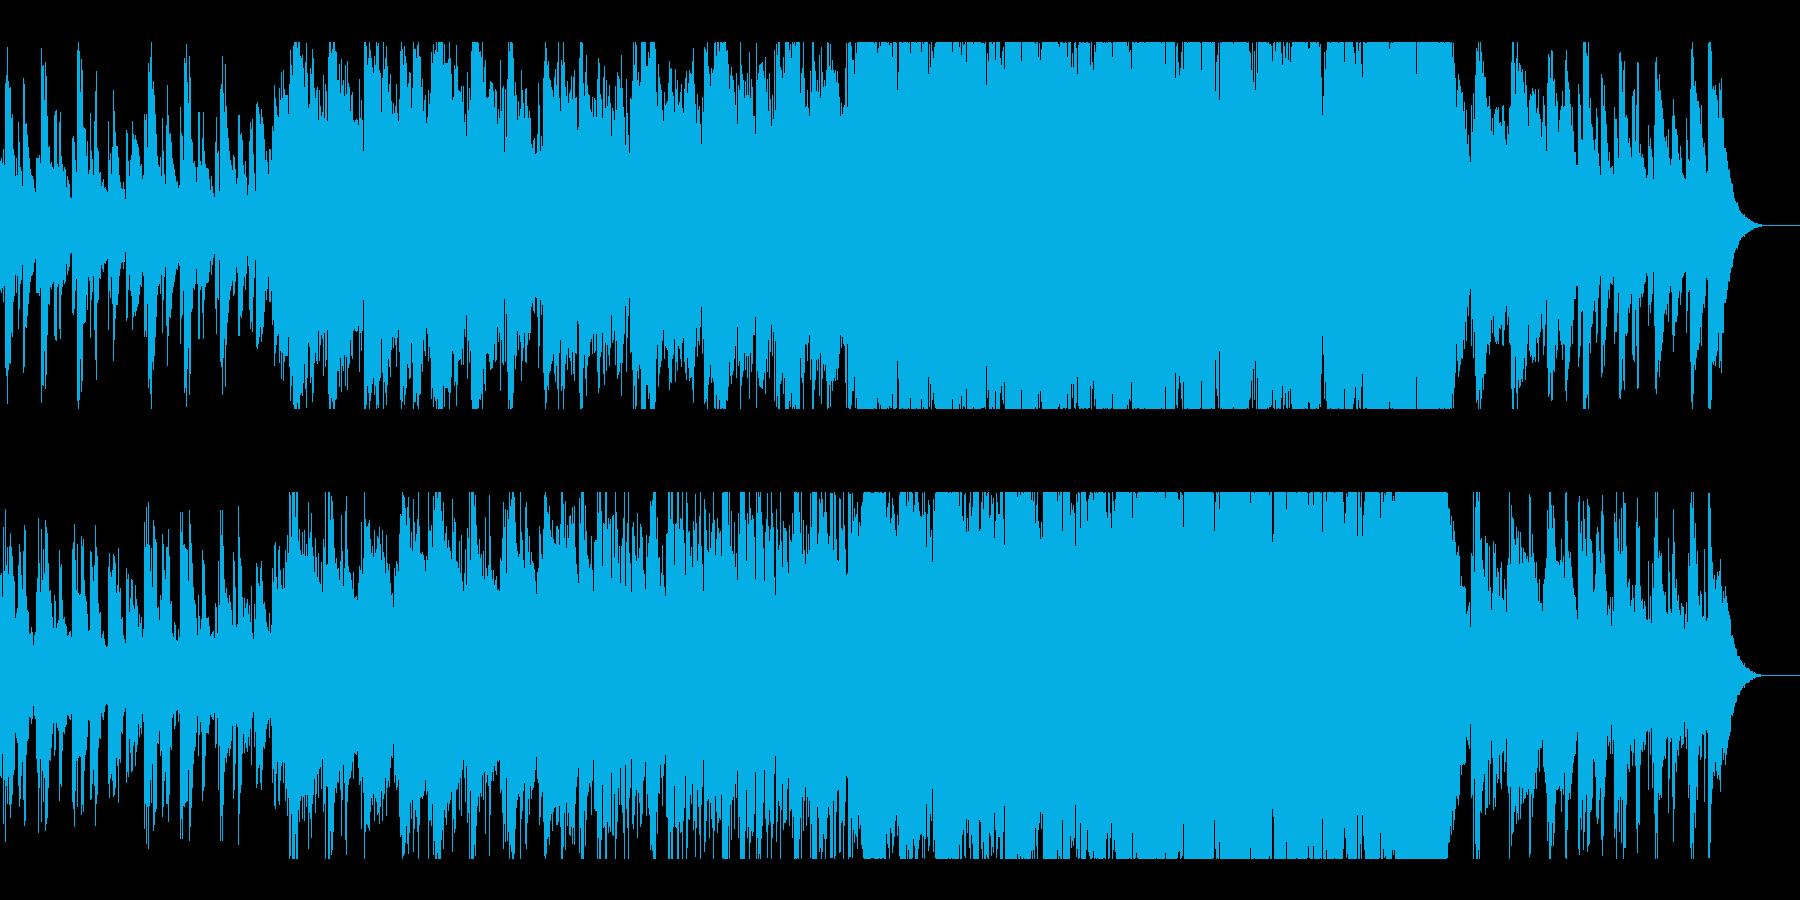 幻想的で切ないピアノとオーケストラの再生済みの波形